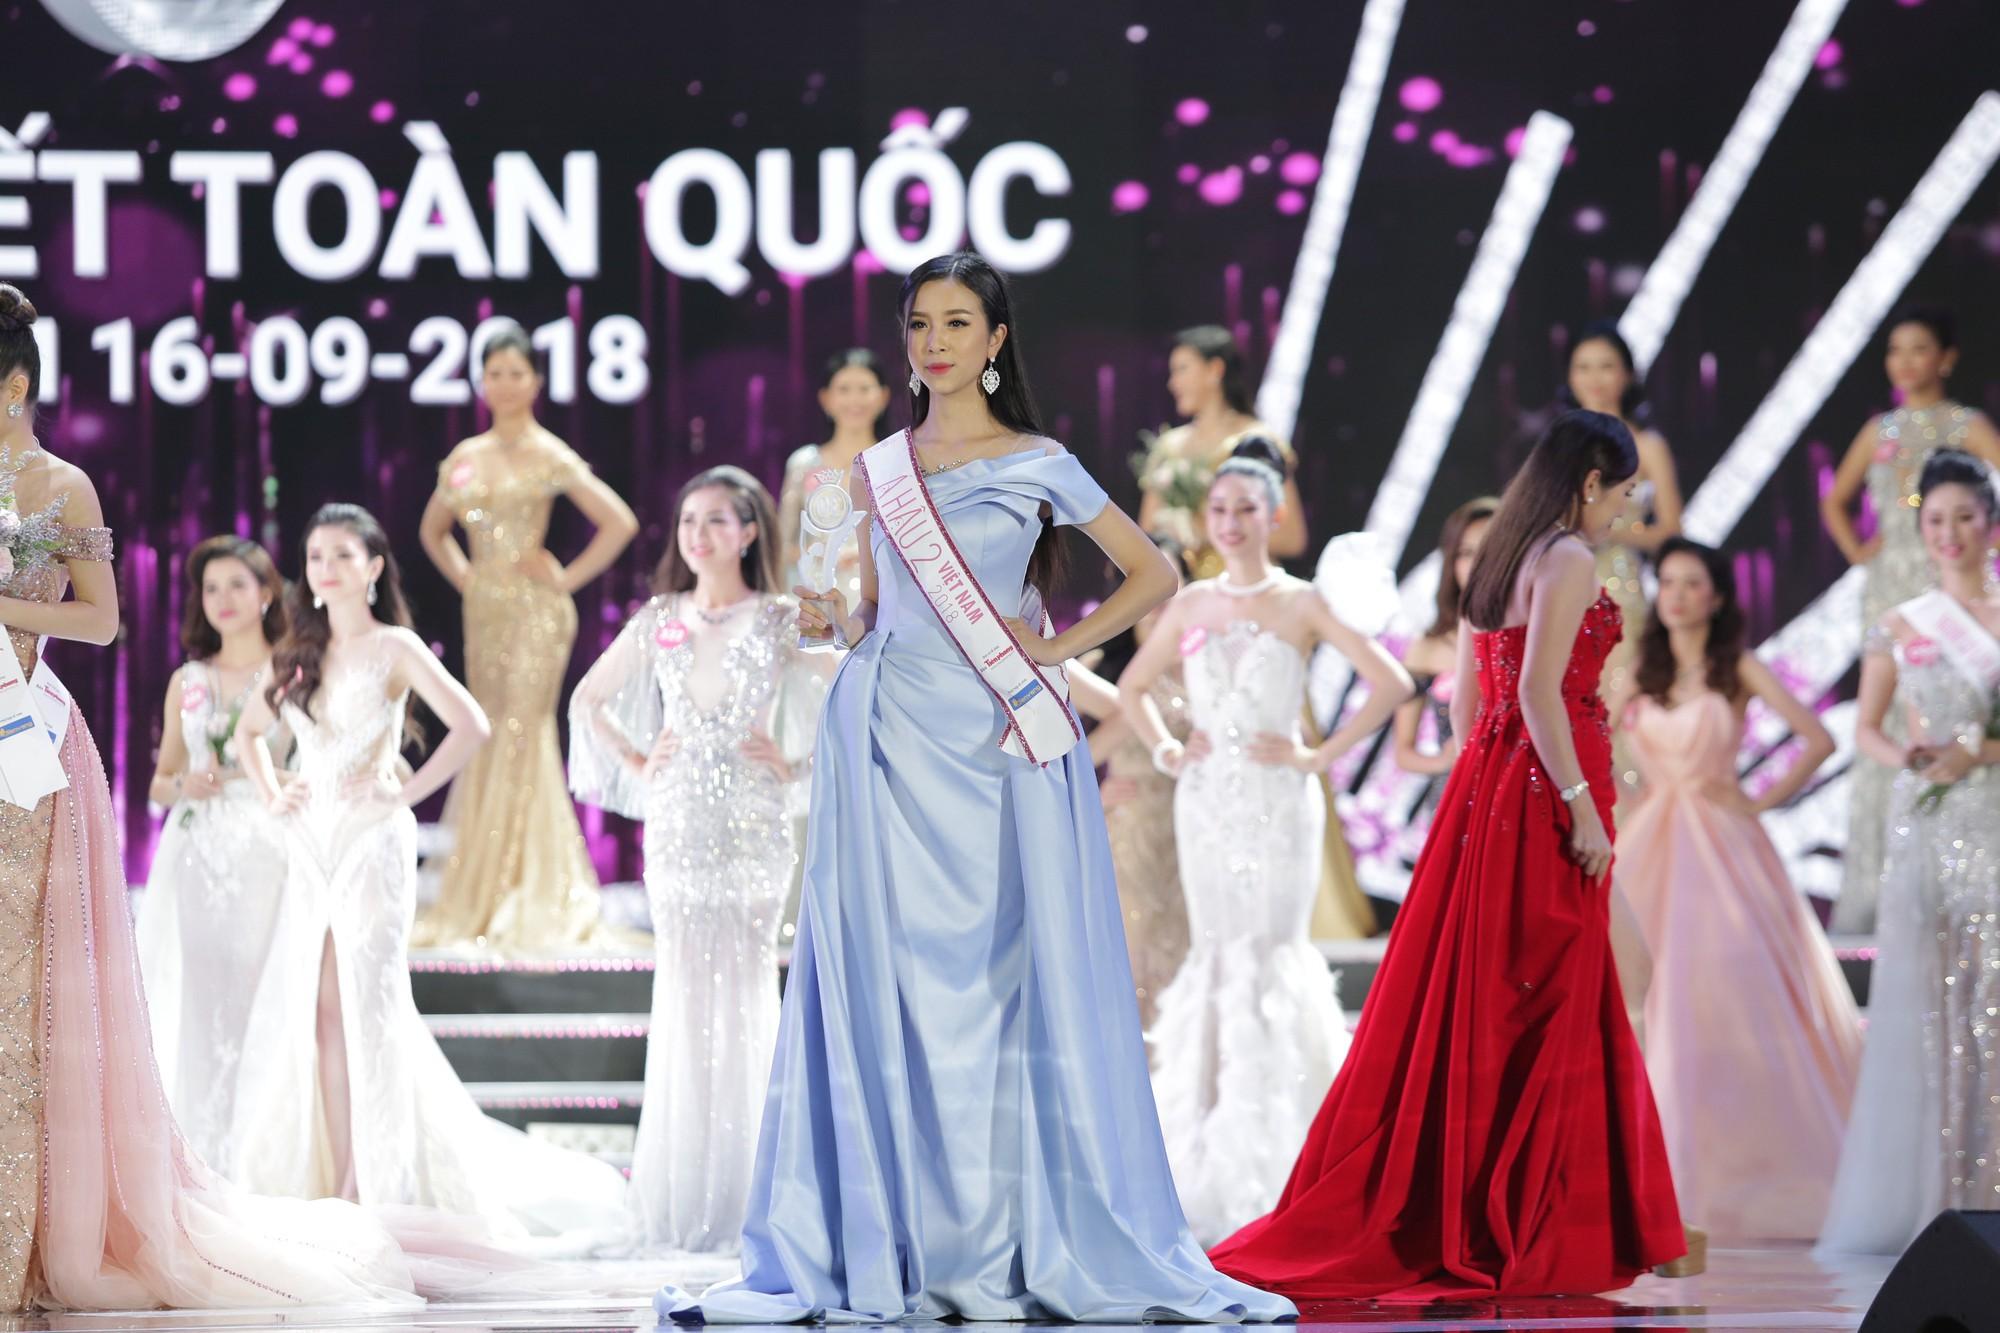 Nguyễn Thị Thúy An chính là Á hậu 2 của cuộc thi năm nay